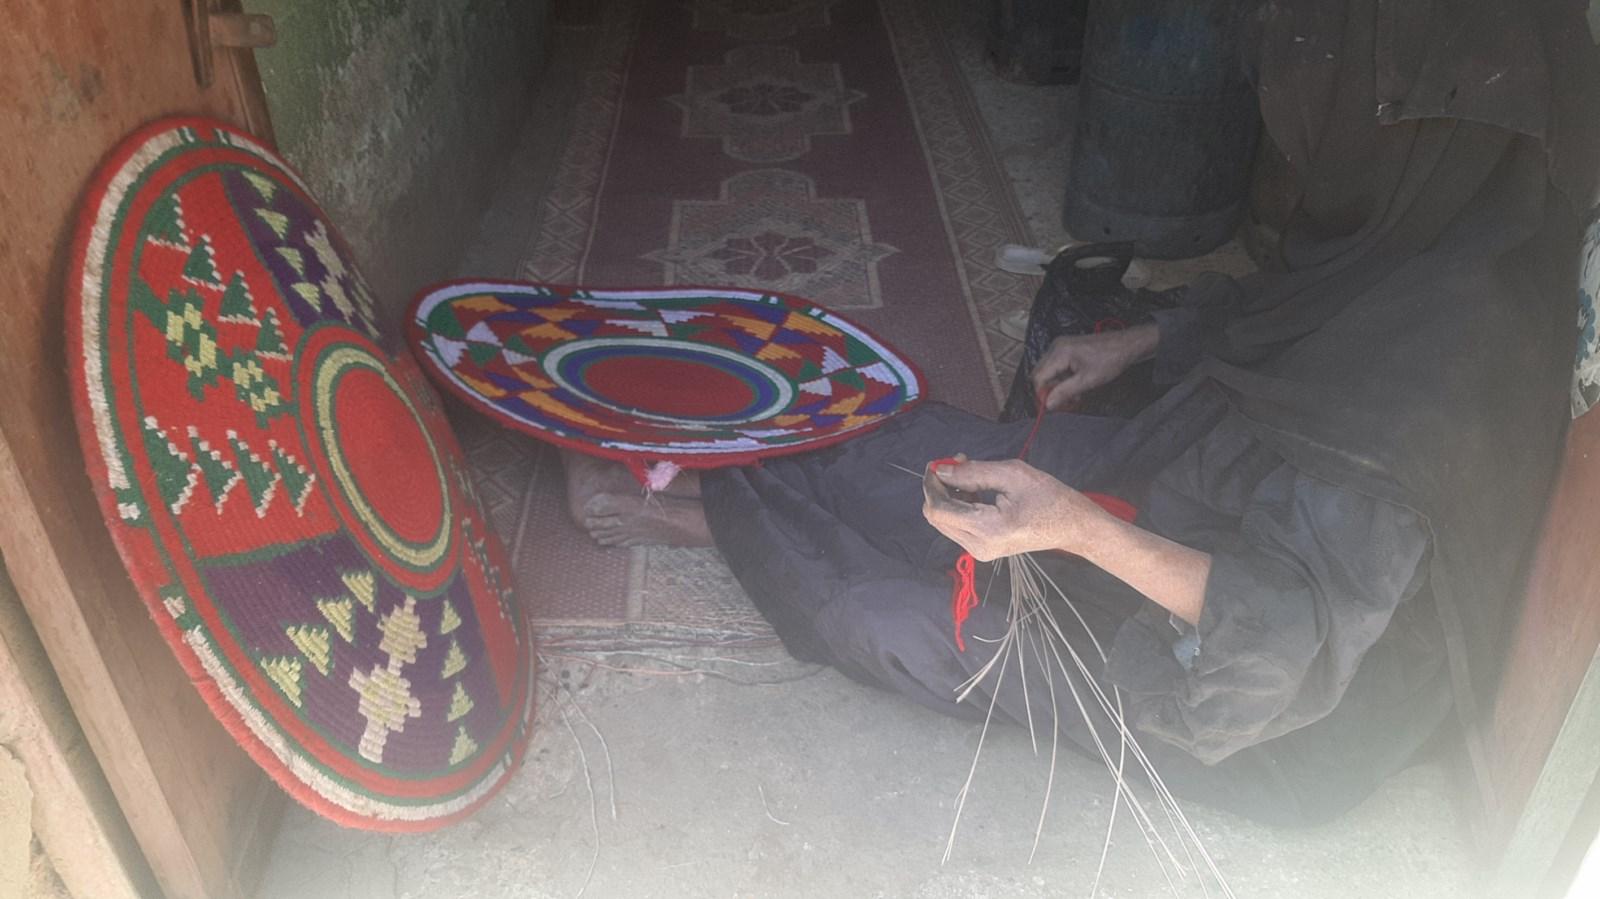 مشغولات الخوص اليديوية (3)